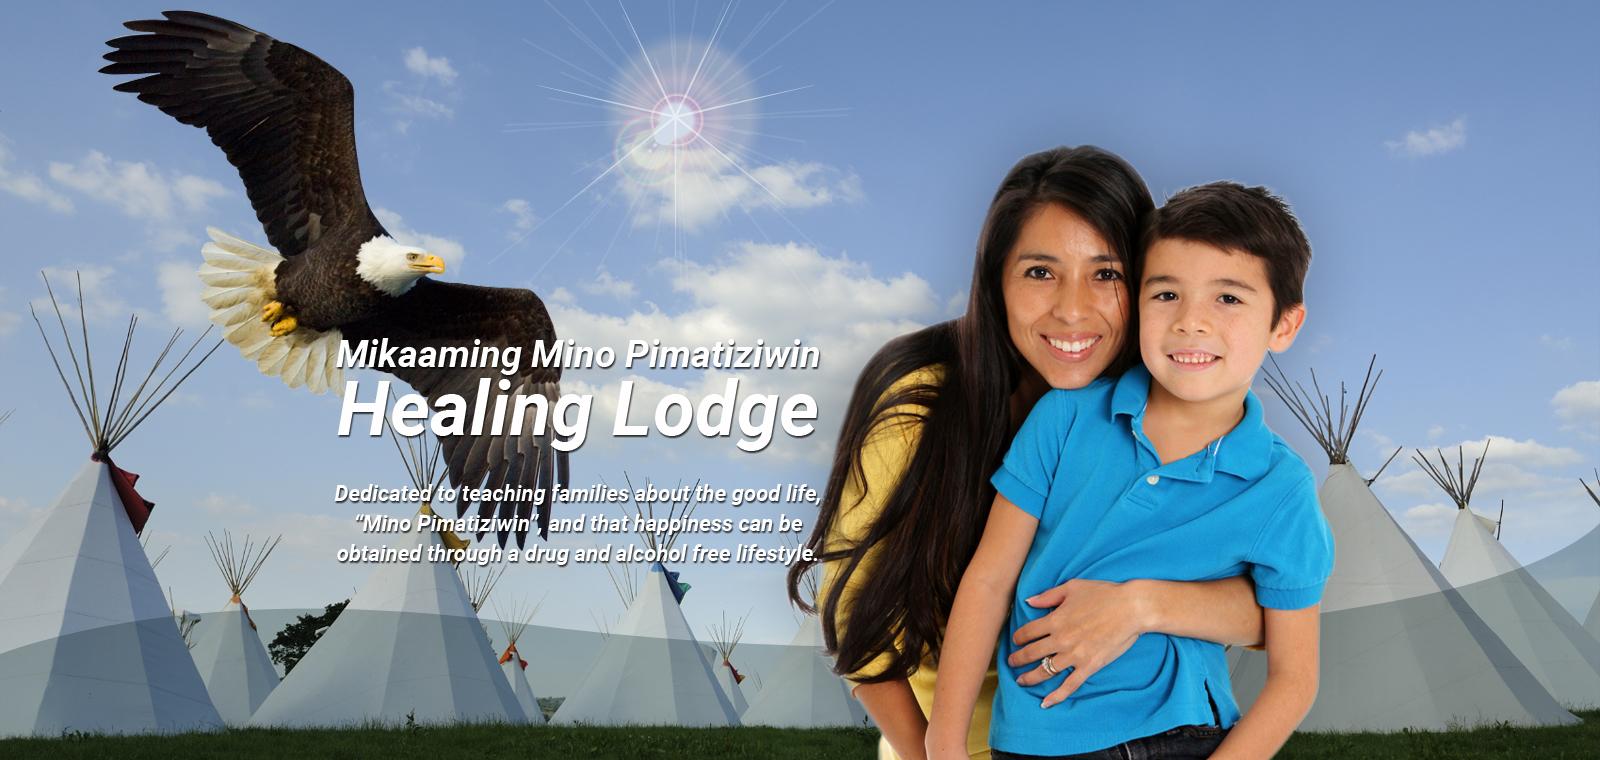 Mikaaming Mino Pimatiziwin Healing Lodge